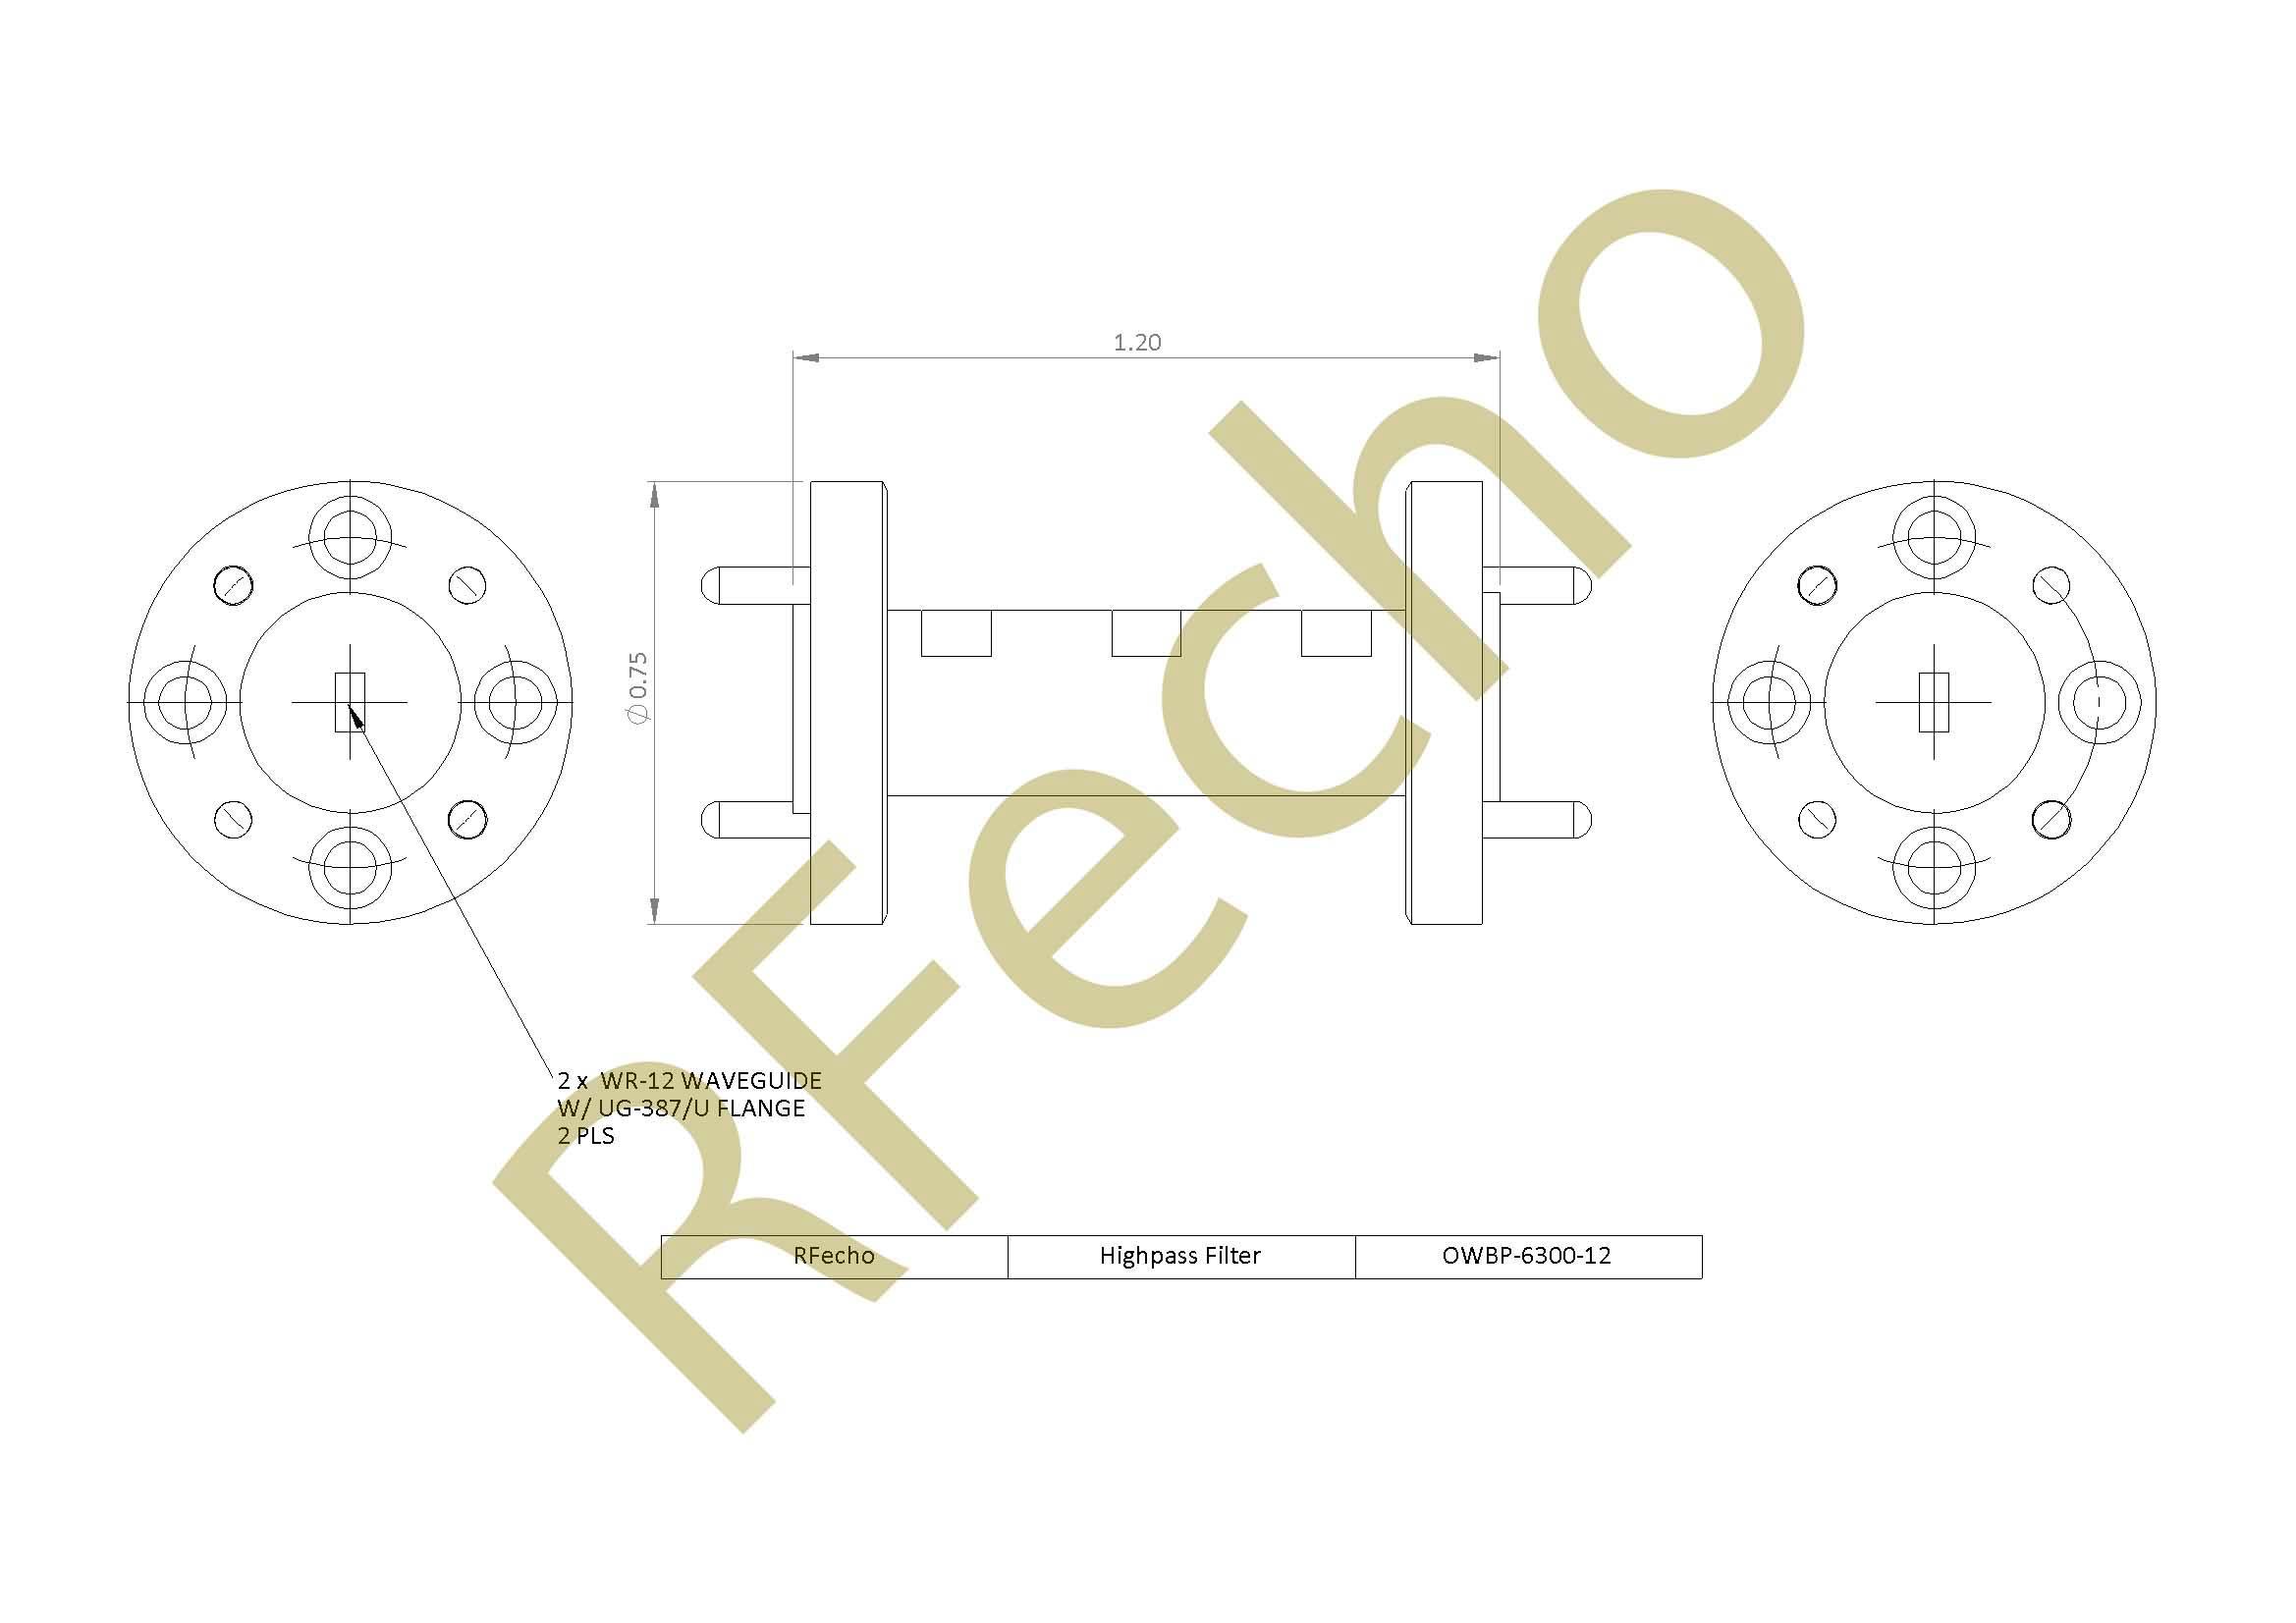 RF Filter Highpass OWBP-6300-12